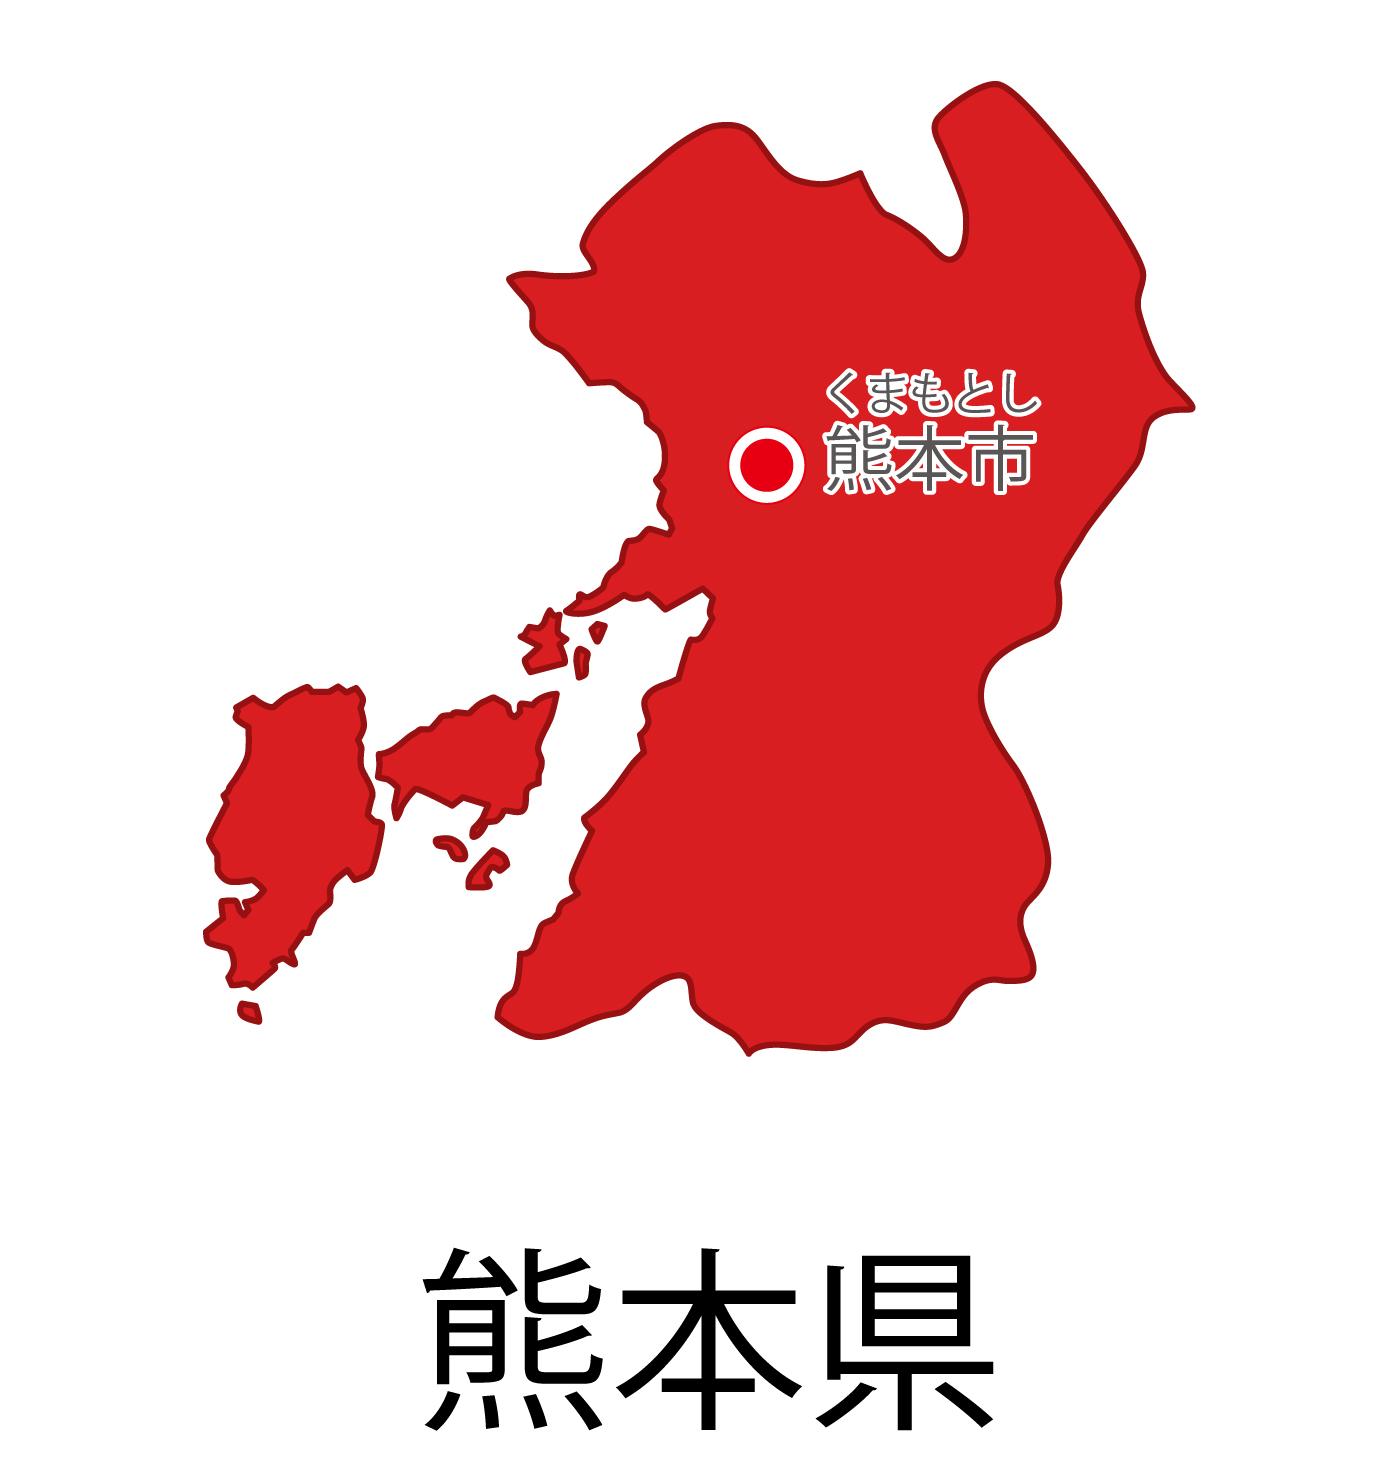 熊本県無料フリーイラスト|日本語・都道府県名あり・県庁所在地あり・ルビあり(赤)